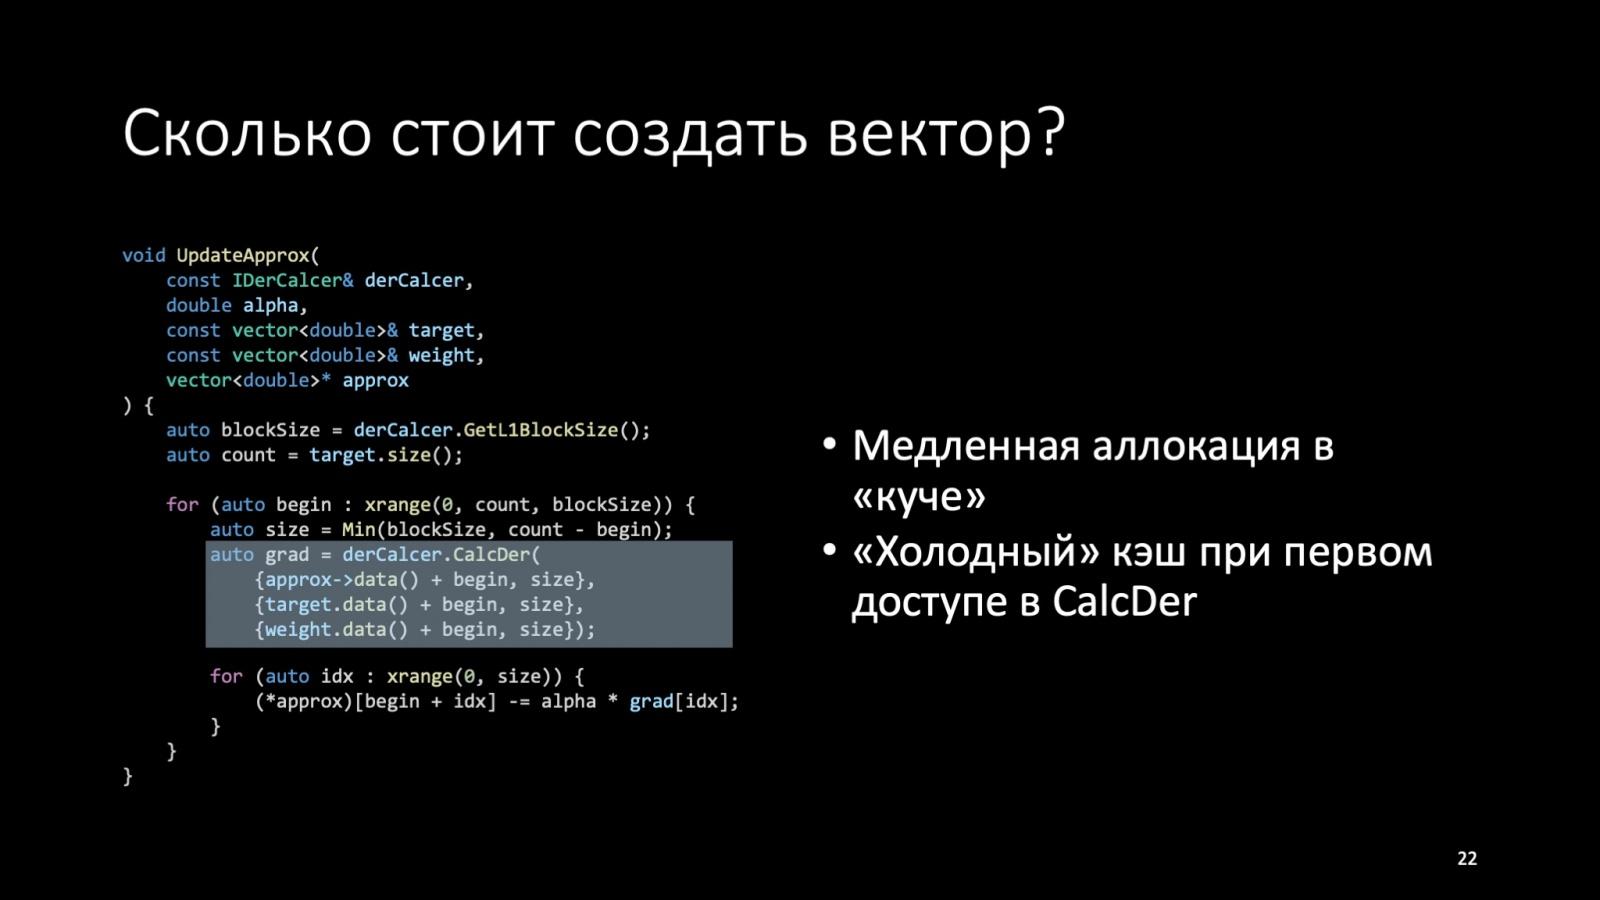 Оптимизация C++: совмещаем скорость и высокий уровень. Доклад Яндекса - 22